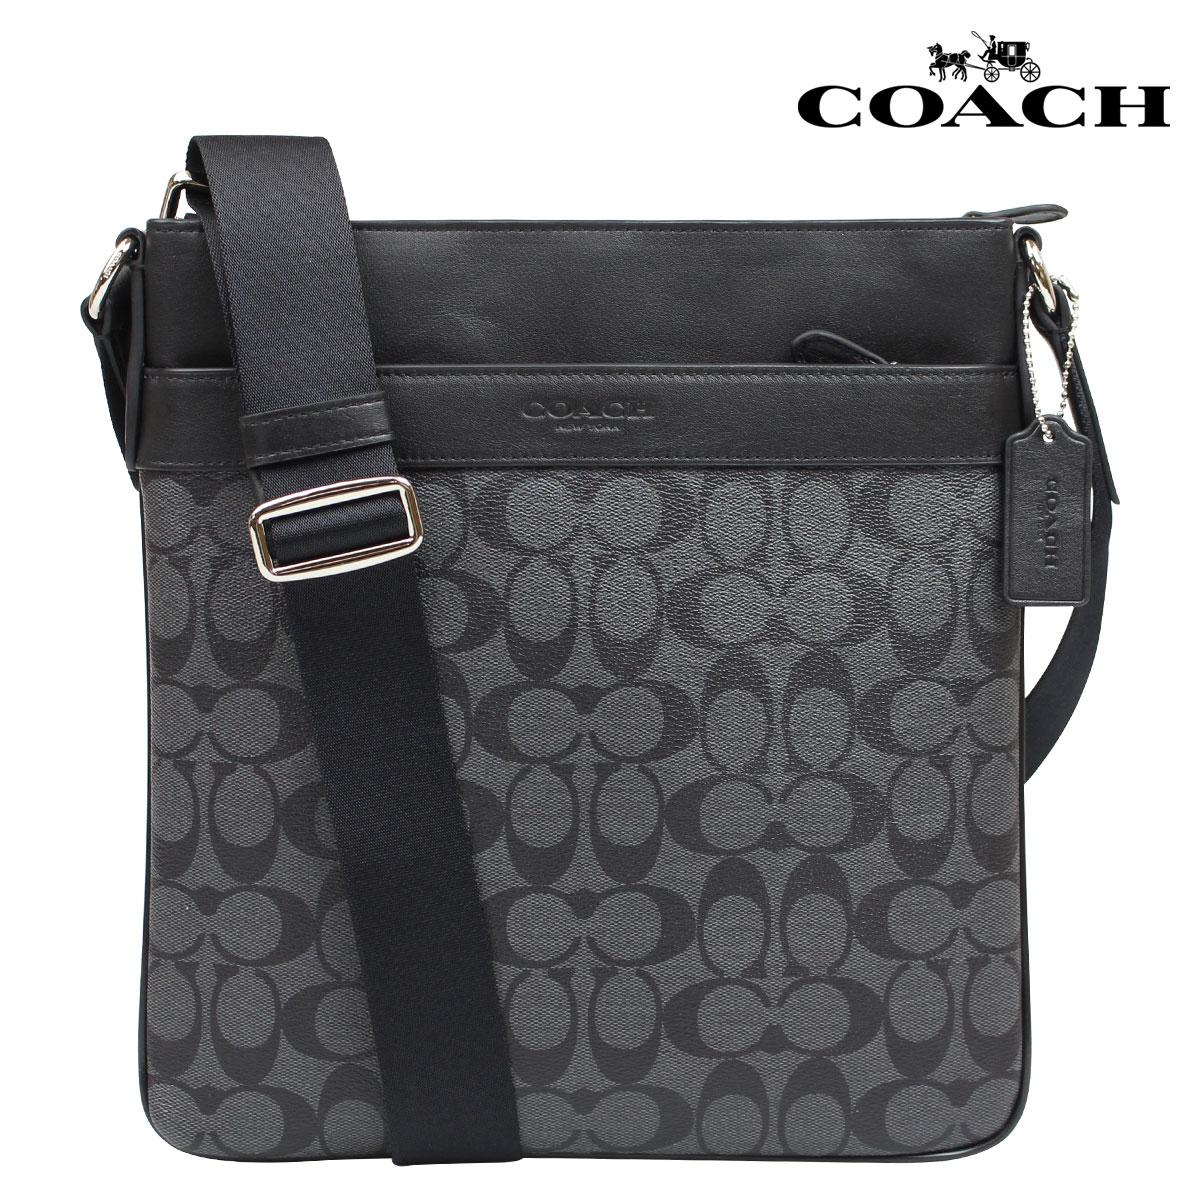 Coach COACH bag shoulder bags mens F71877-1